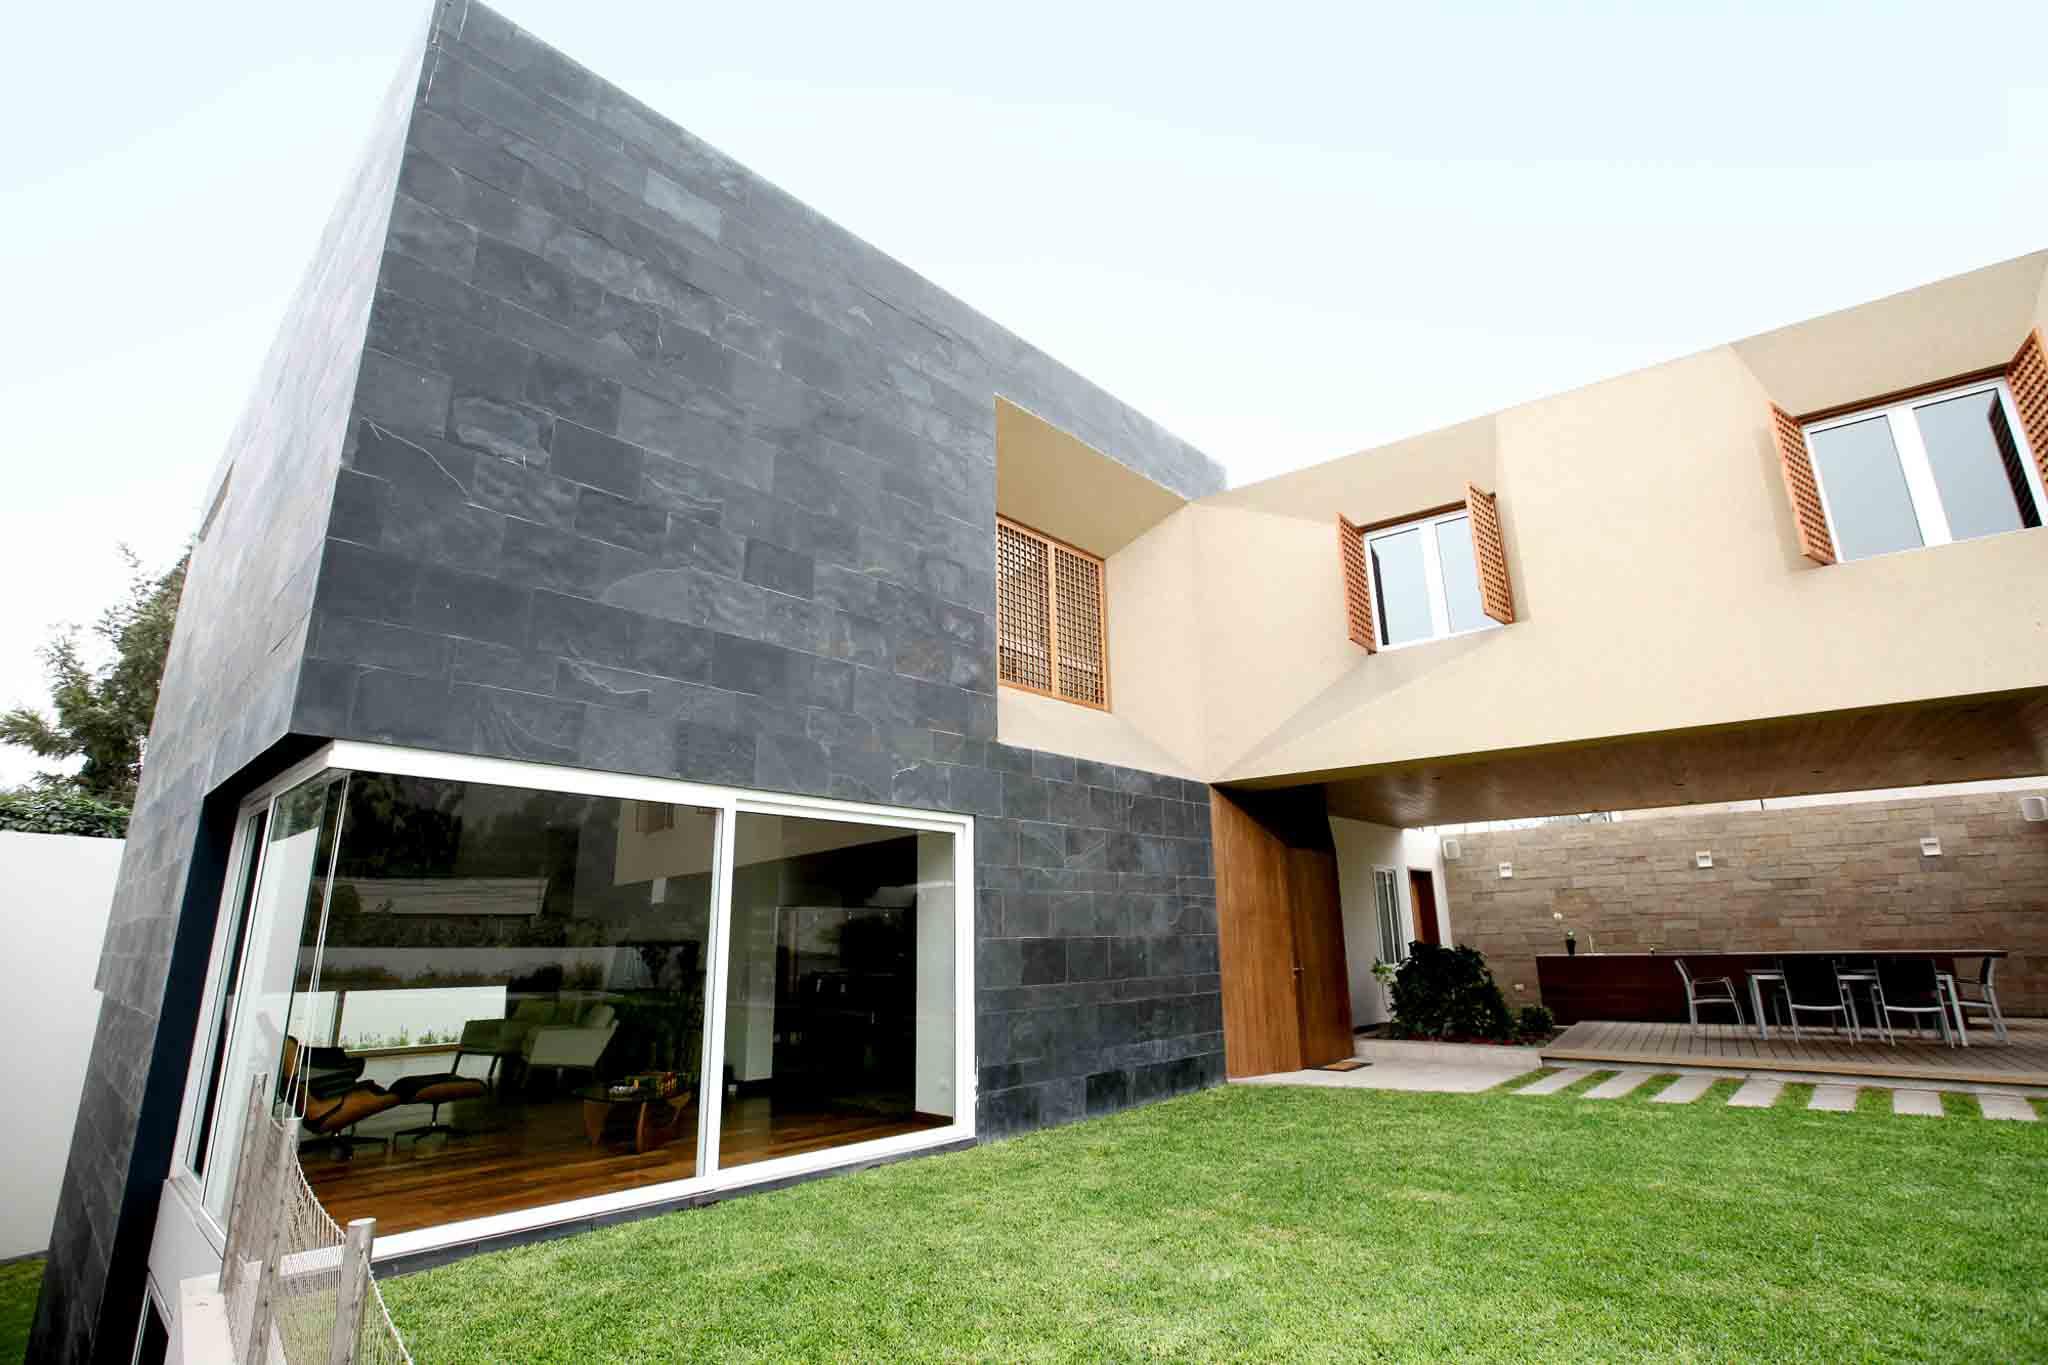 51-1 Arquitectos – Rinconada Baja – La Molina